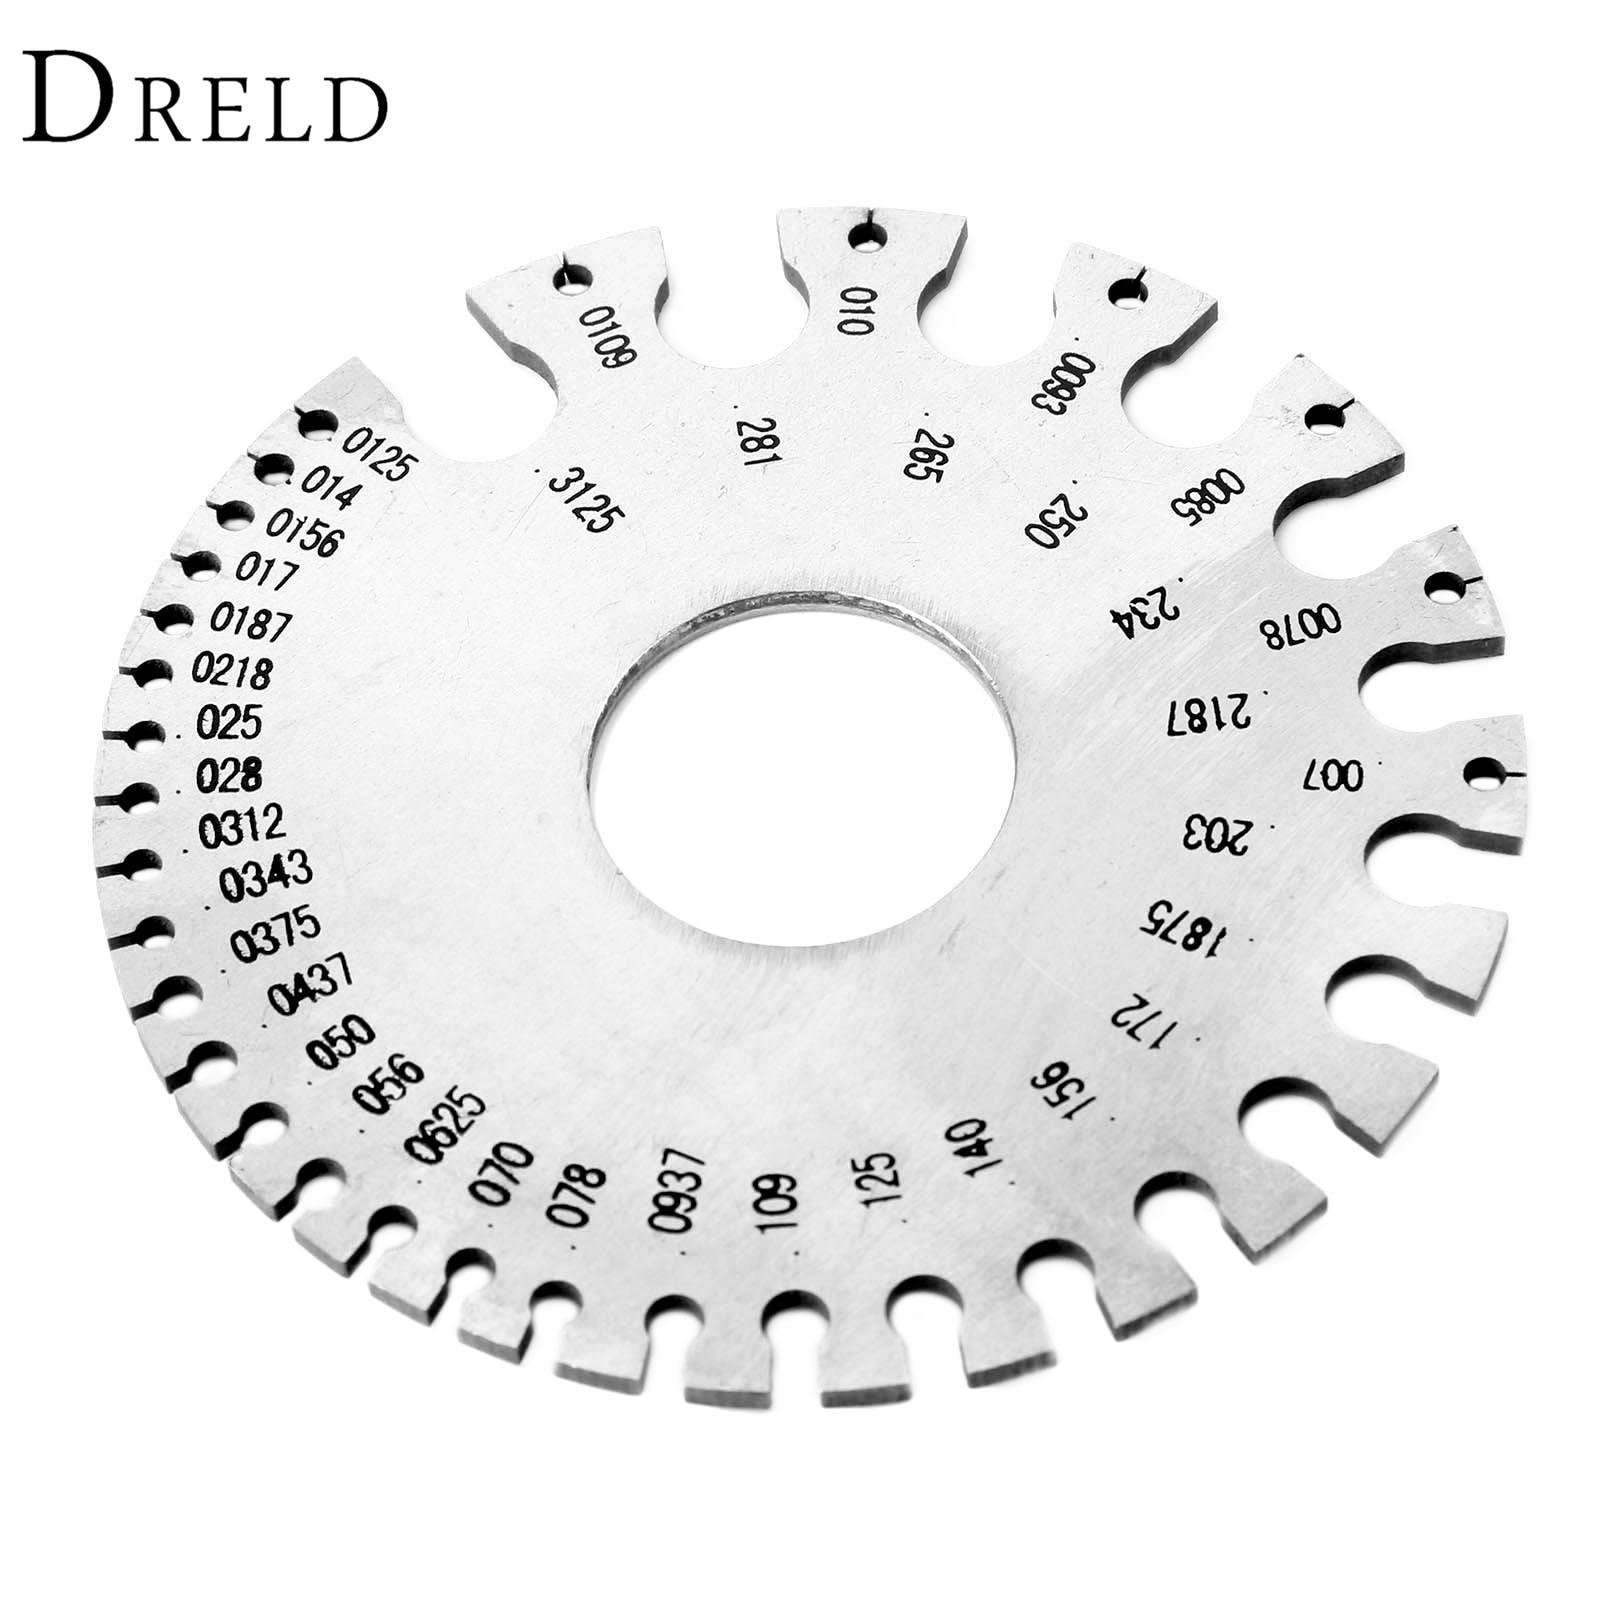 medium resolution of dreld 0 36 stainless steel wire gauge weld diameter gauge welding inspection inch measuring gauges fpr measurement tool with bag